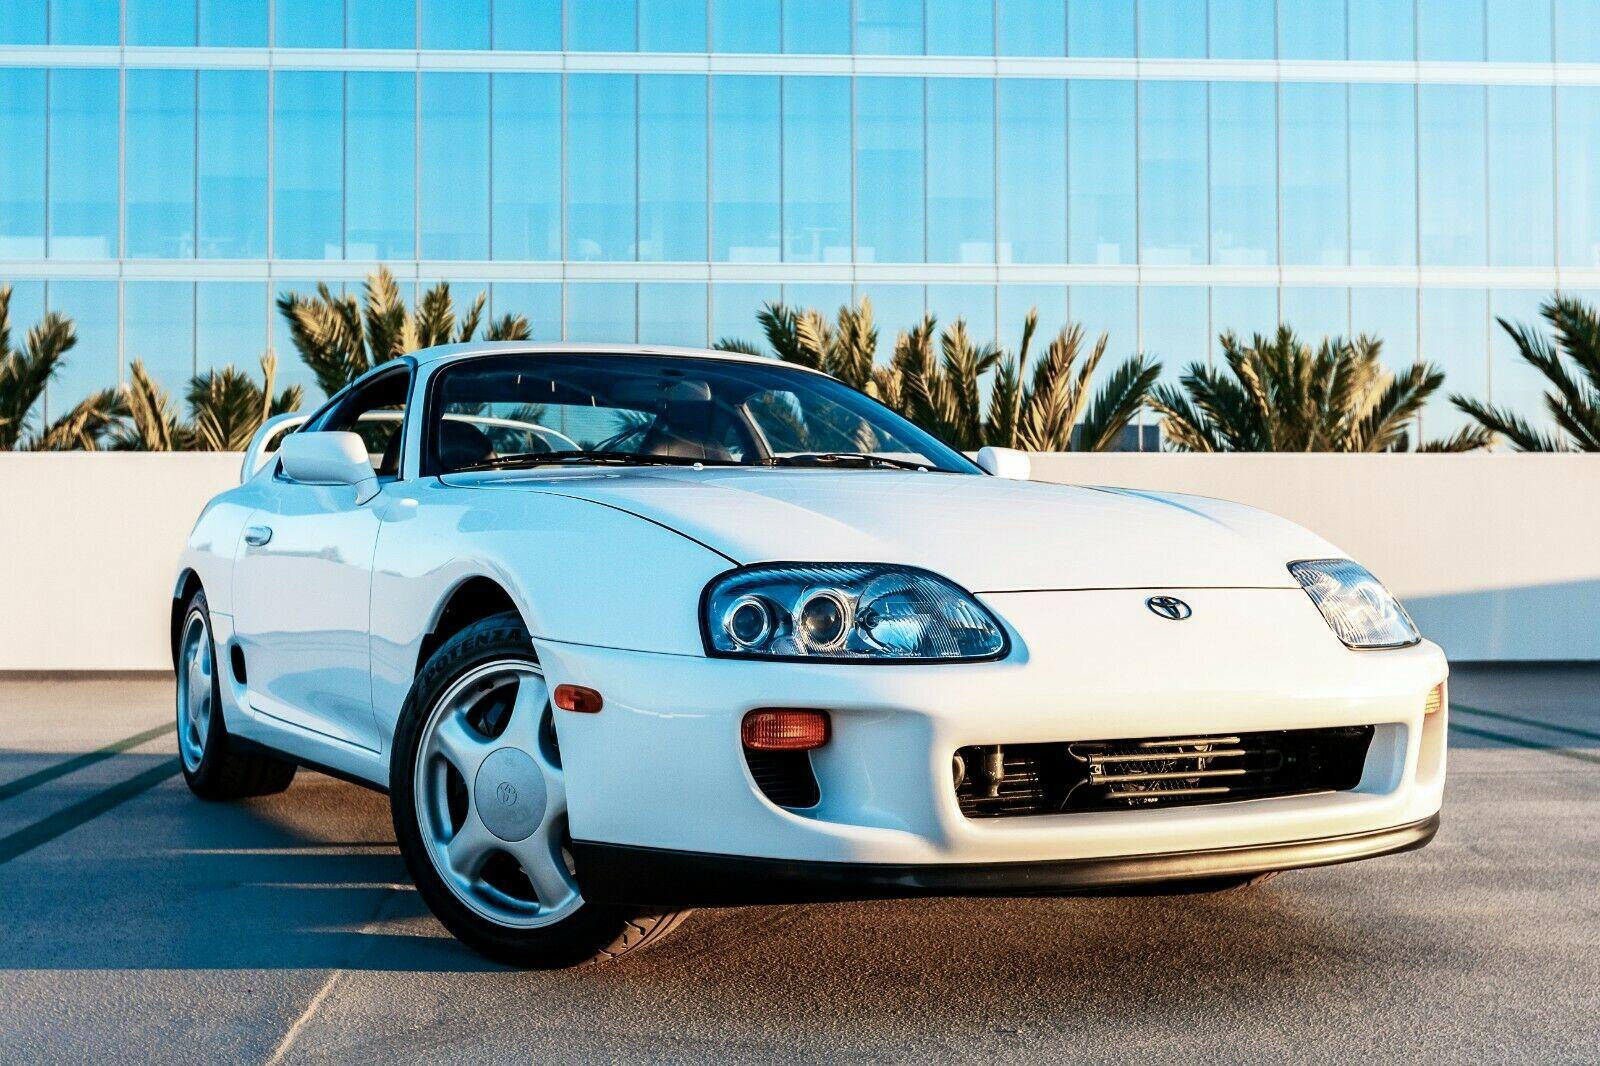 White-Toyota-Supra-1994-for-sale-1